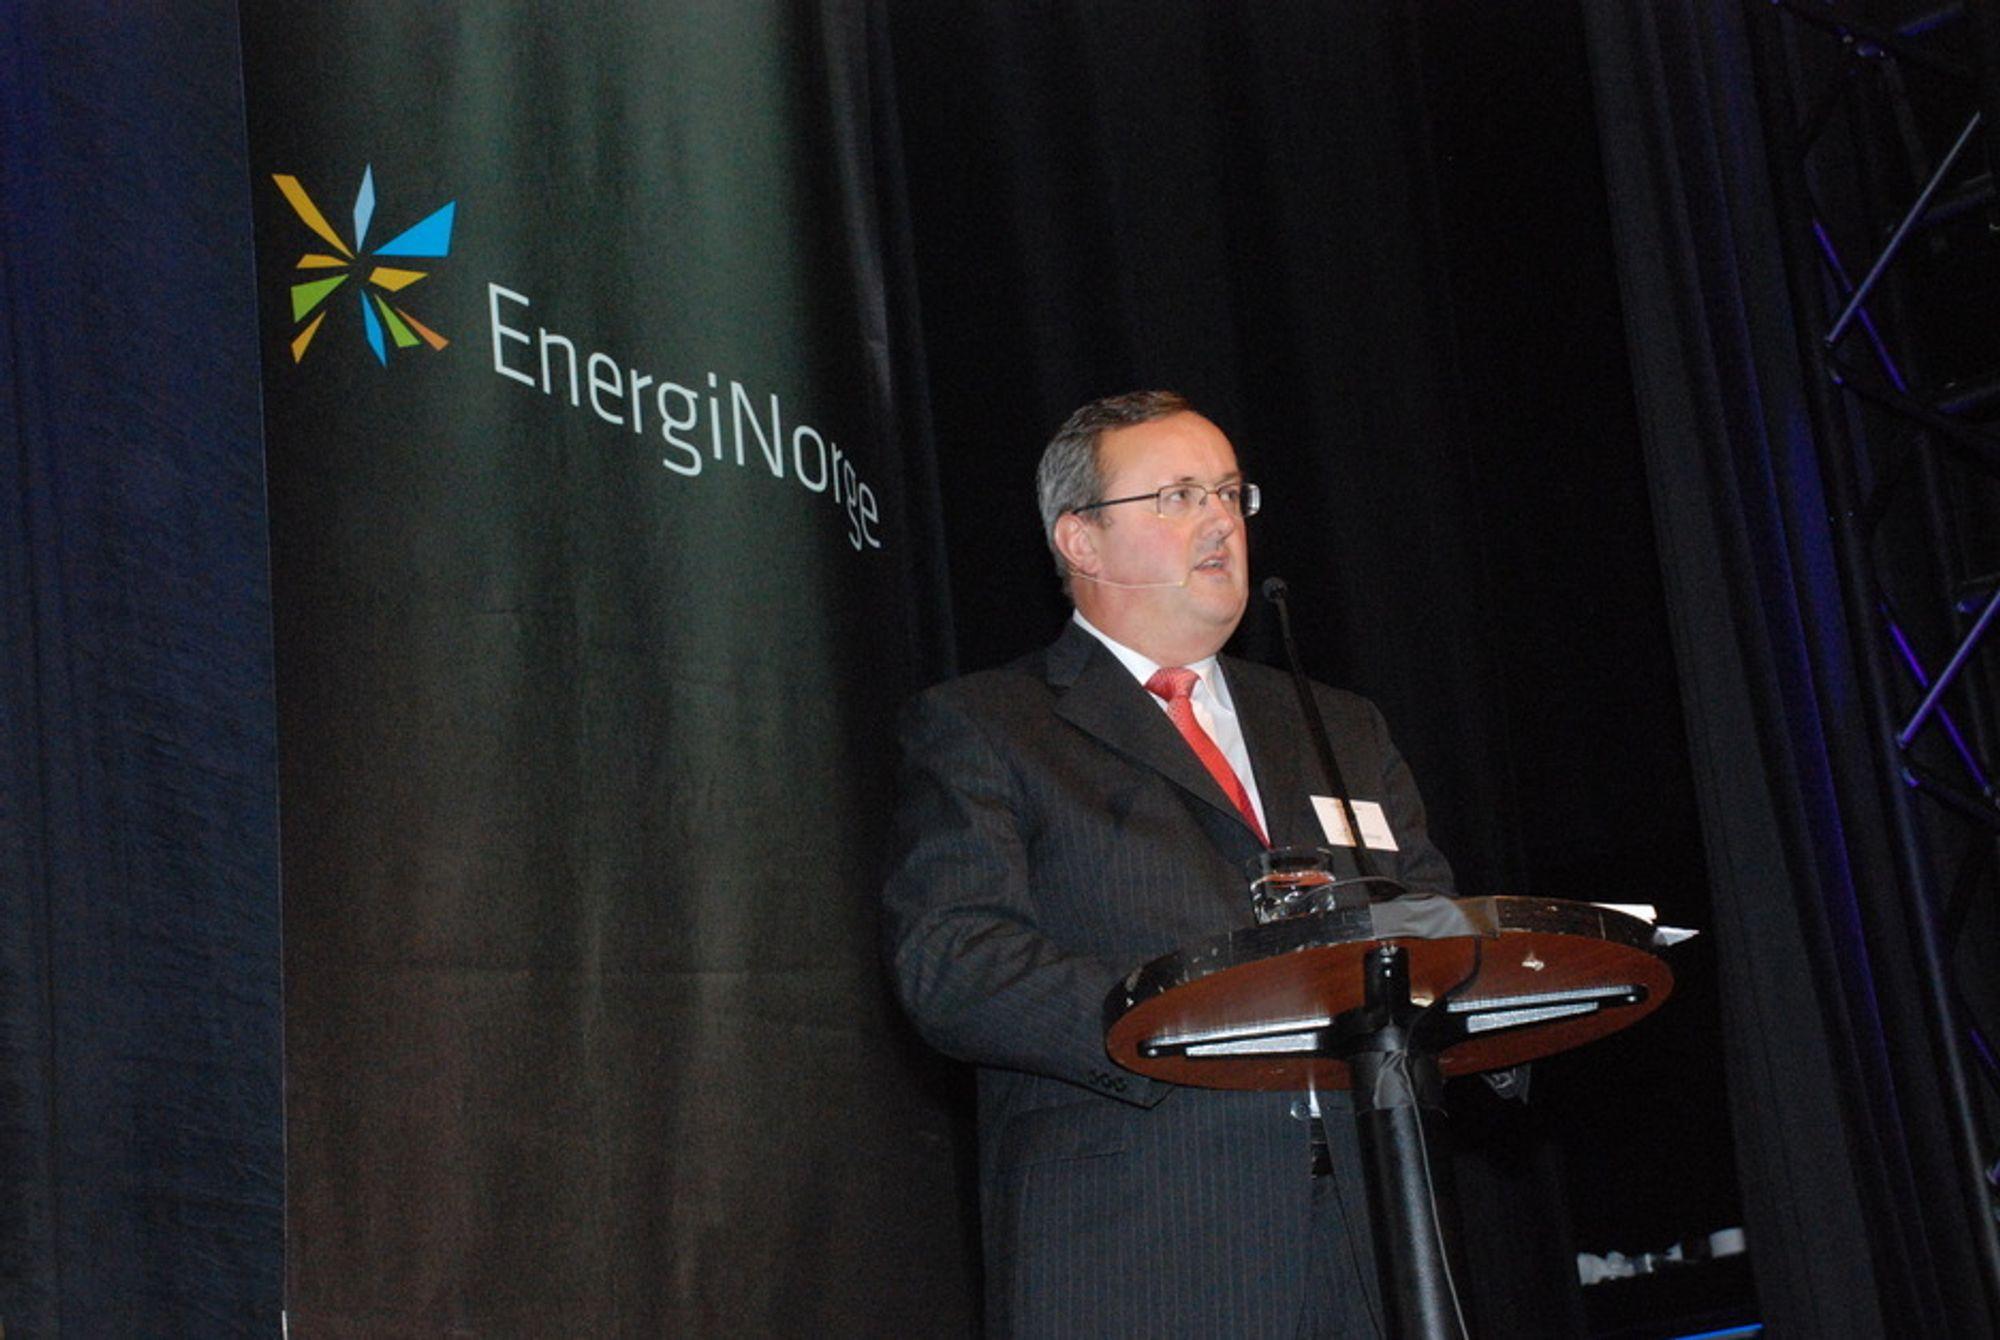 ETTERLYSER HANDLING: Energi Norge-direktør Steinar Bysveen ønsker handlekraft fra politikerne, og mener det må til hvis Norge skal bli et lavutslippssamfunn.